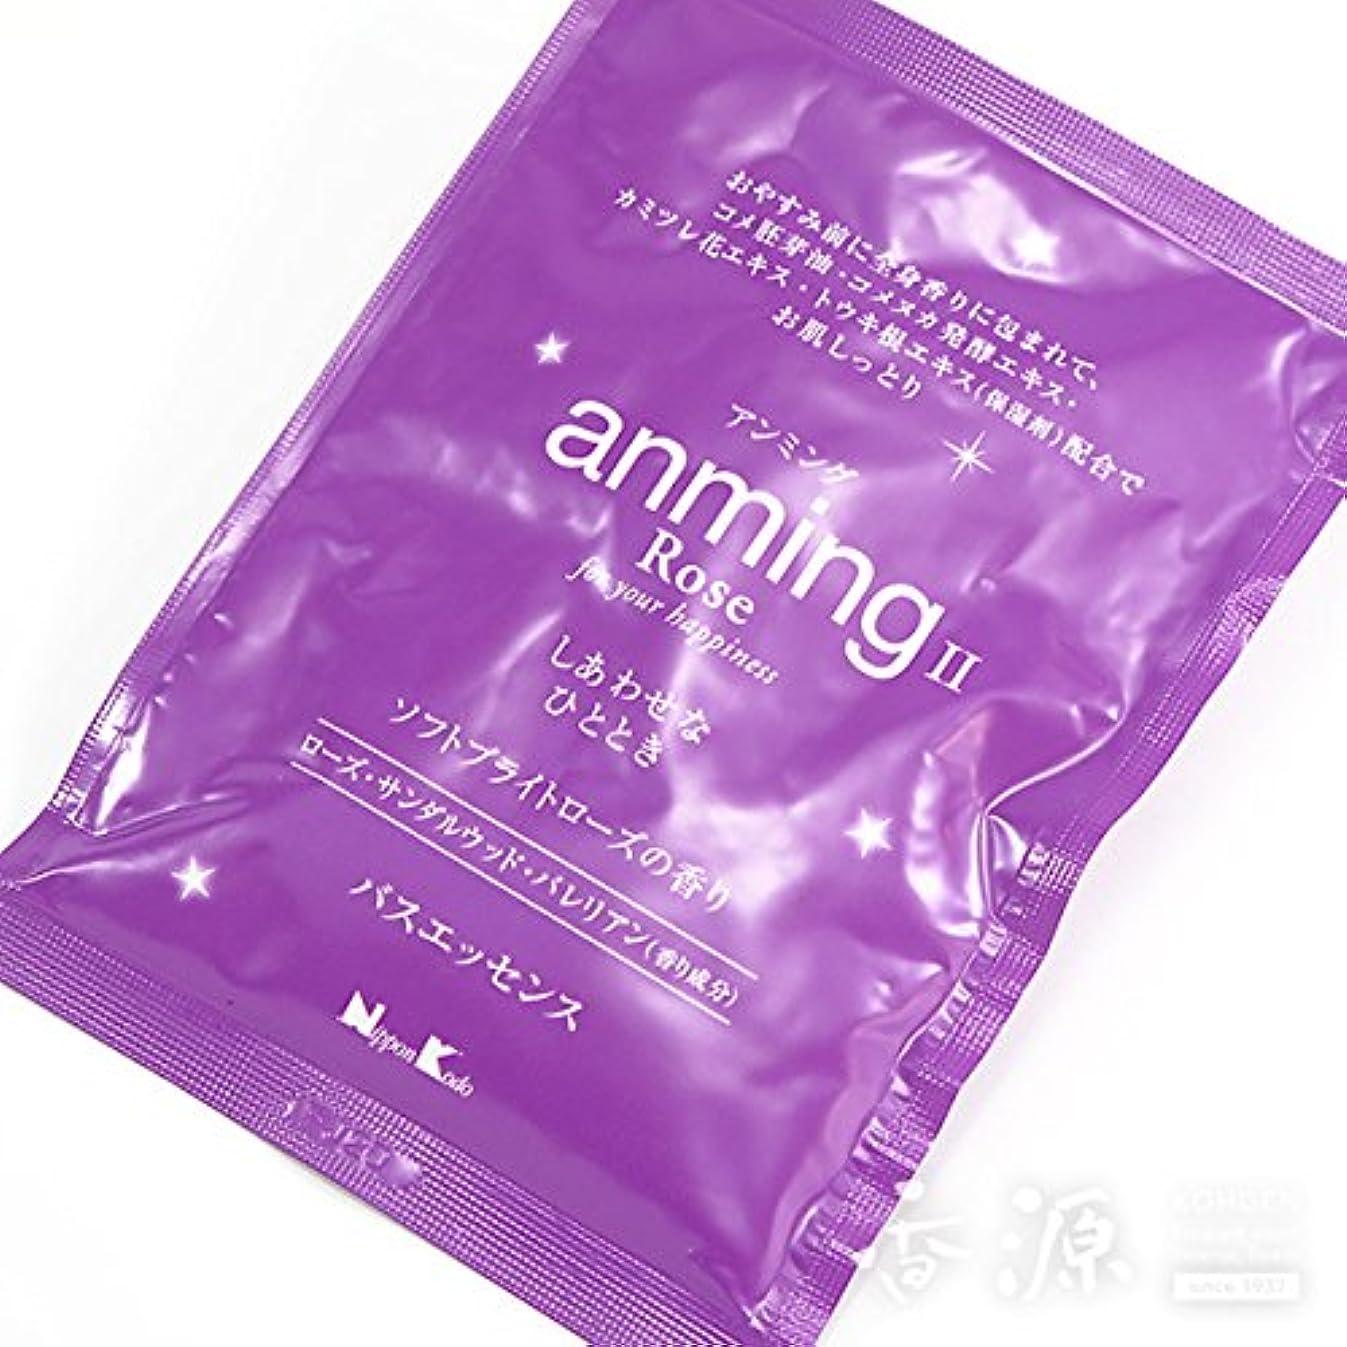 リサイクルする差し引く伝説日本香堂の入浴剤 アンミング2(anming2)バスエッセンス ミニタイプ